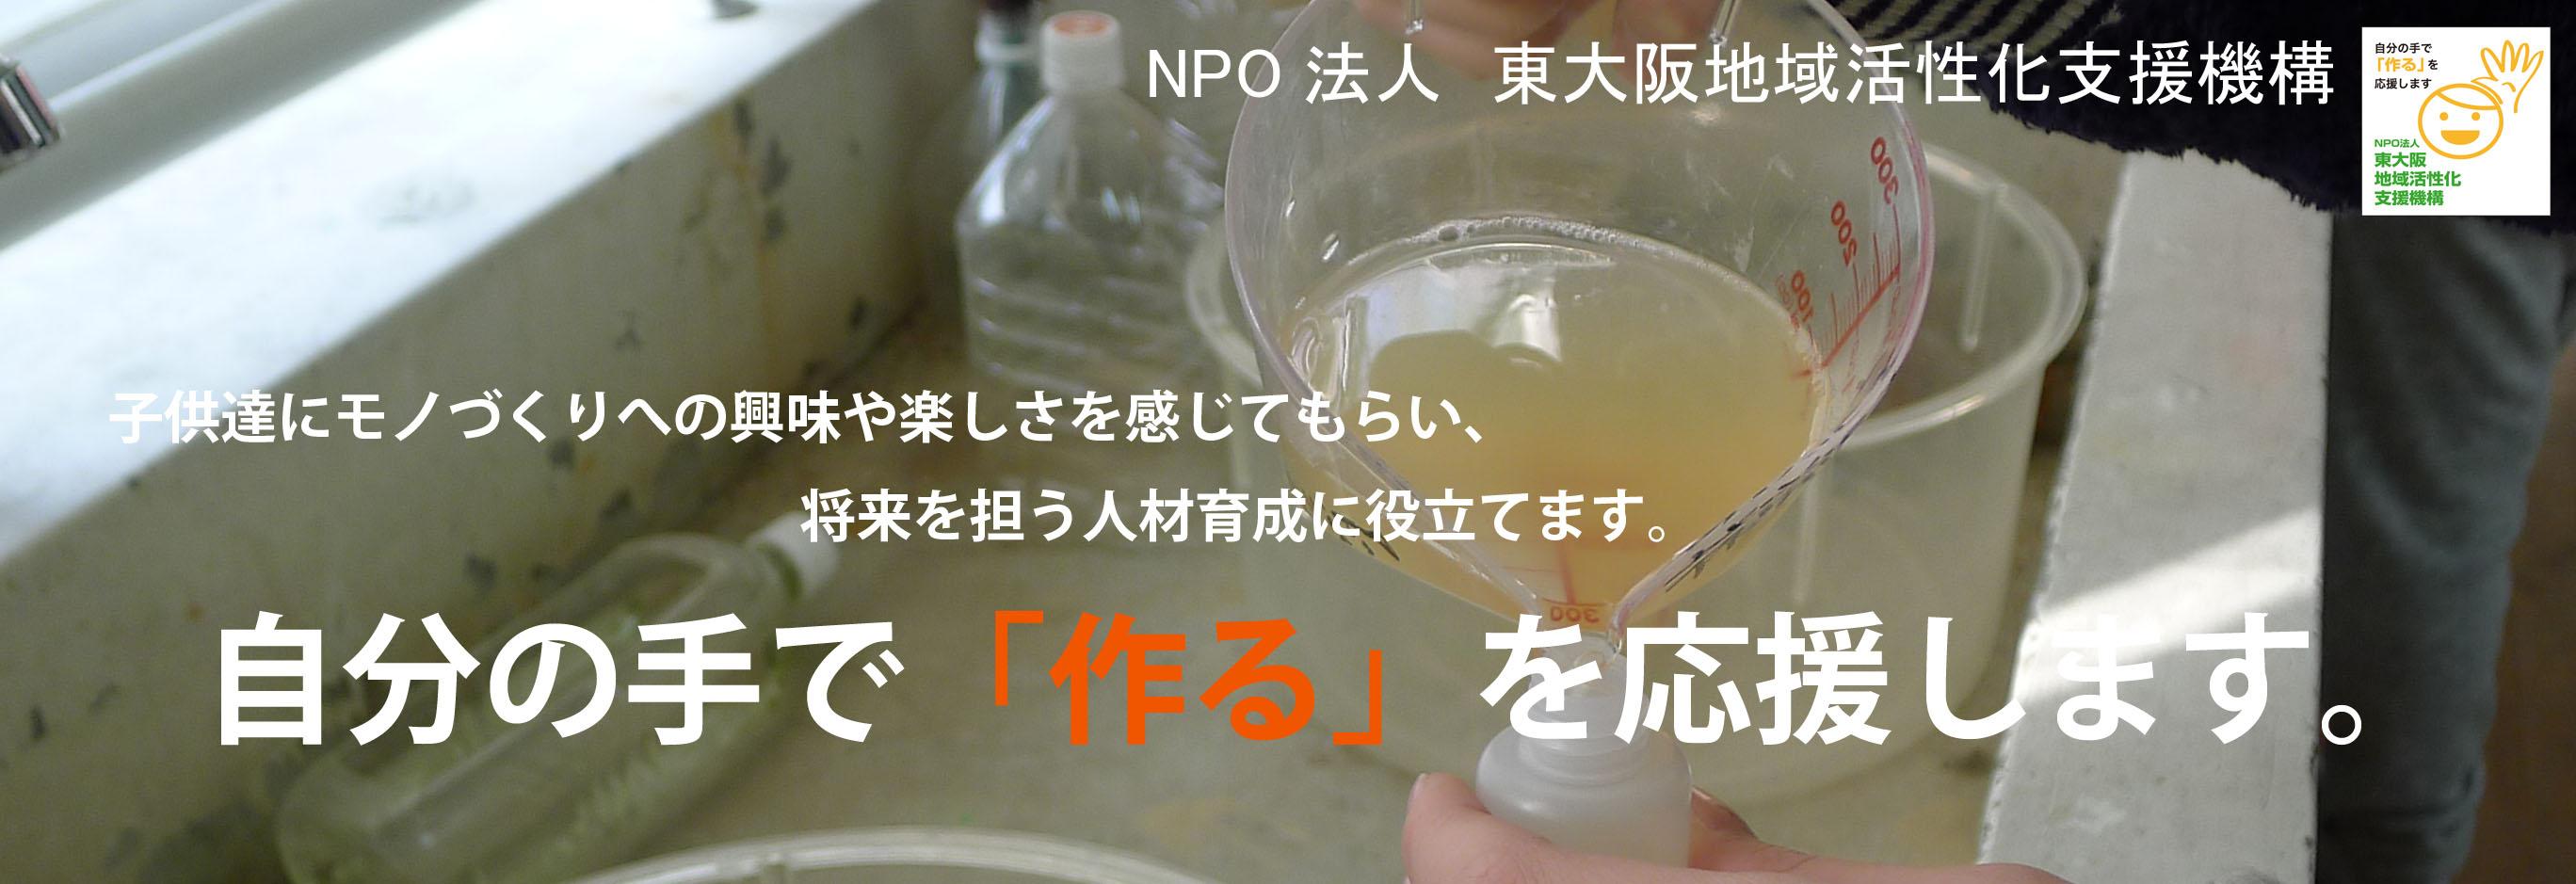 NPO法人 東大阪地域活性化支援機構